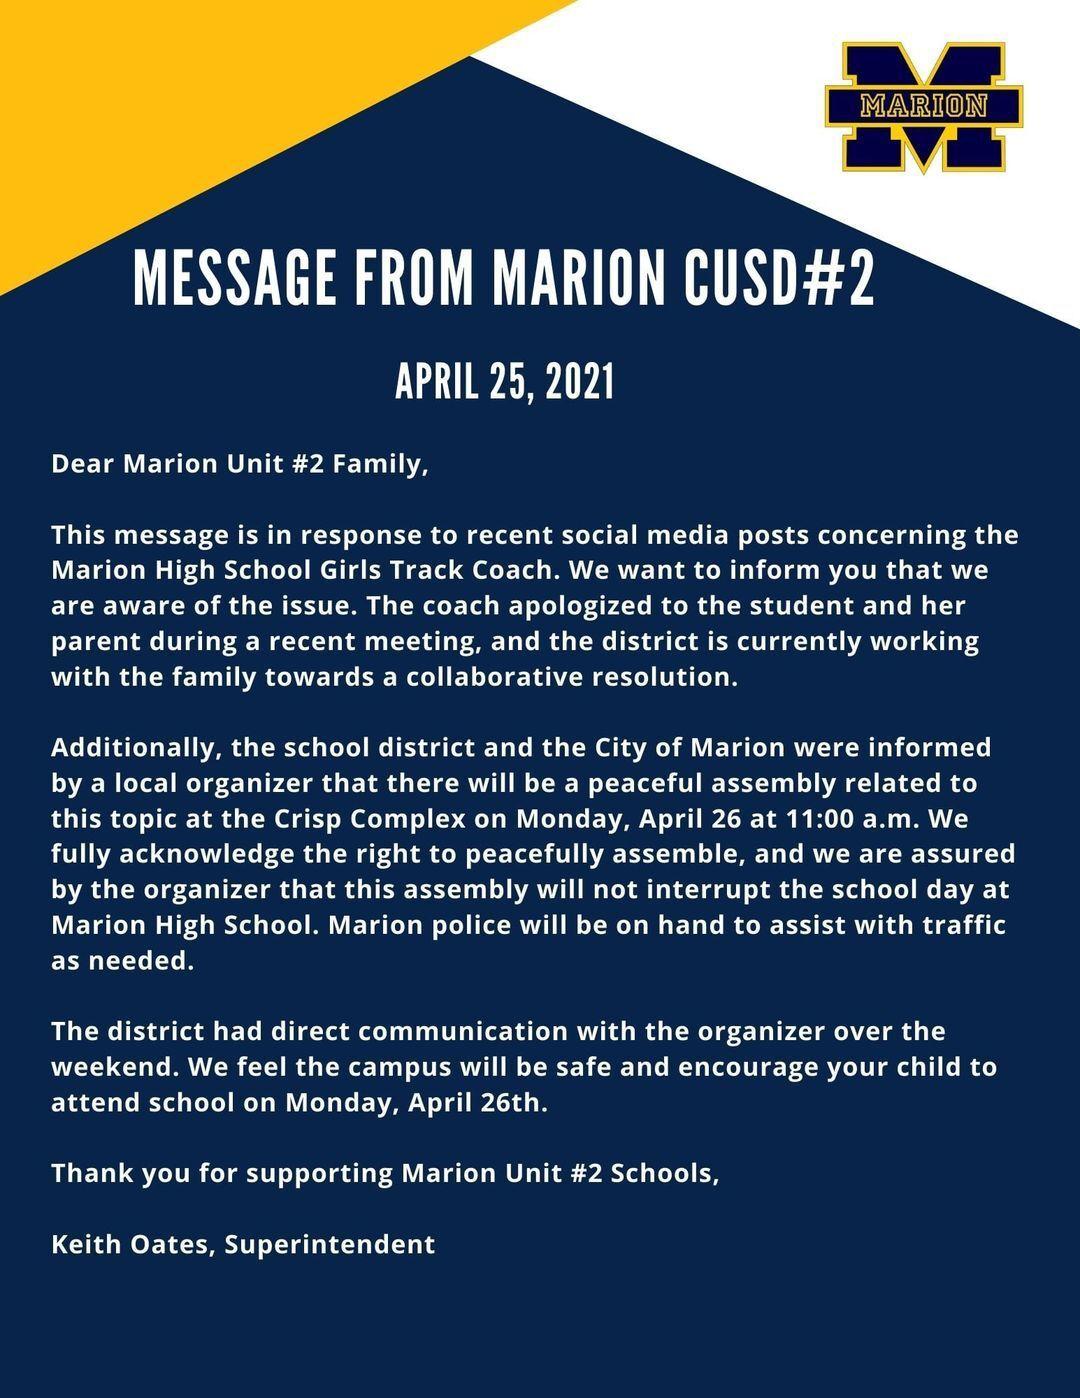 Marion superintendent's statement